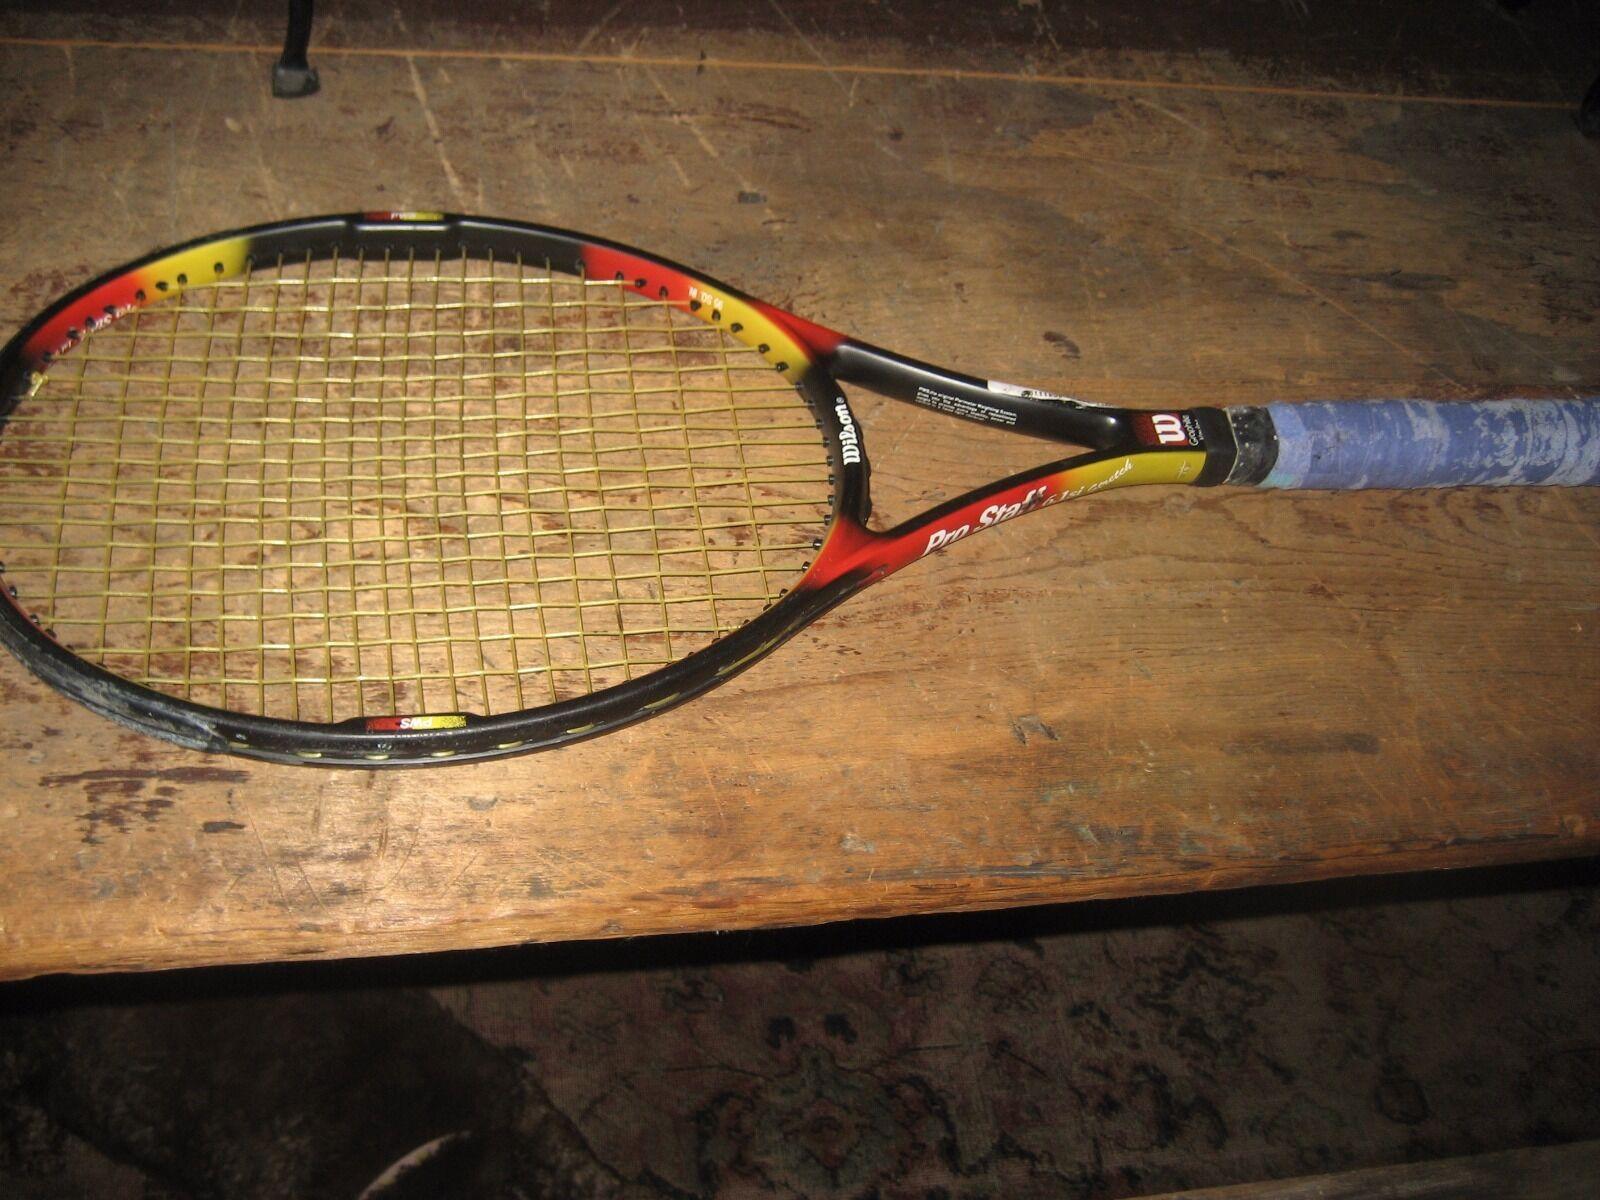 Wilson Classic 6.1  Midplus Raqueta De Tenis  precios al por mayor